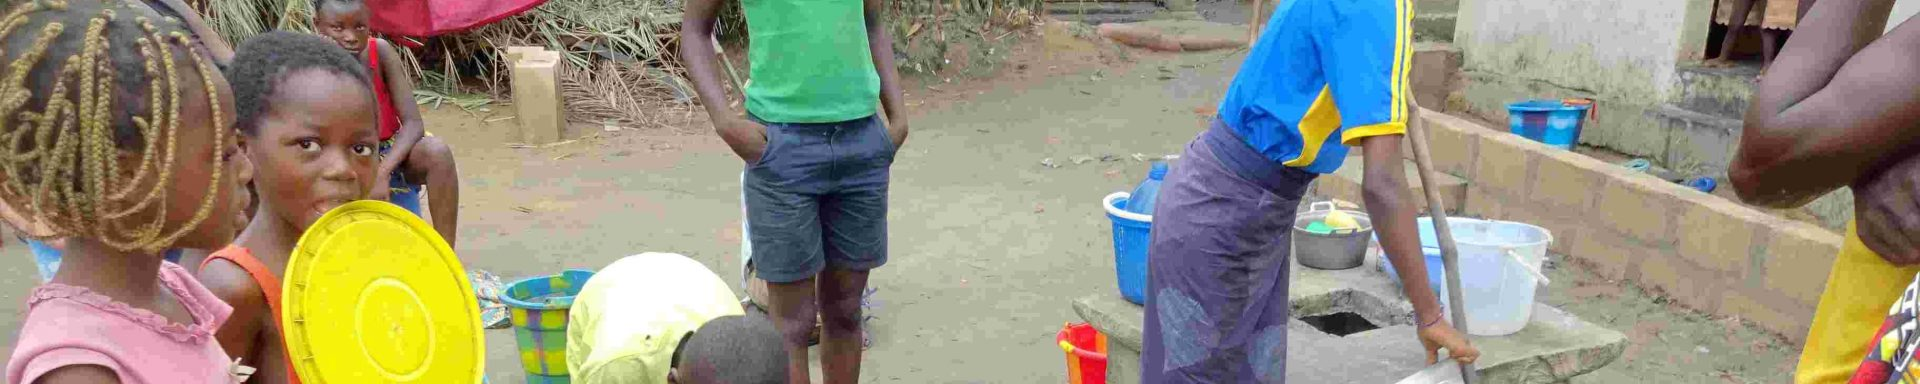 Kinderen staan rond emmers water in Congo.